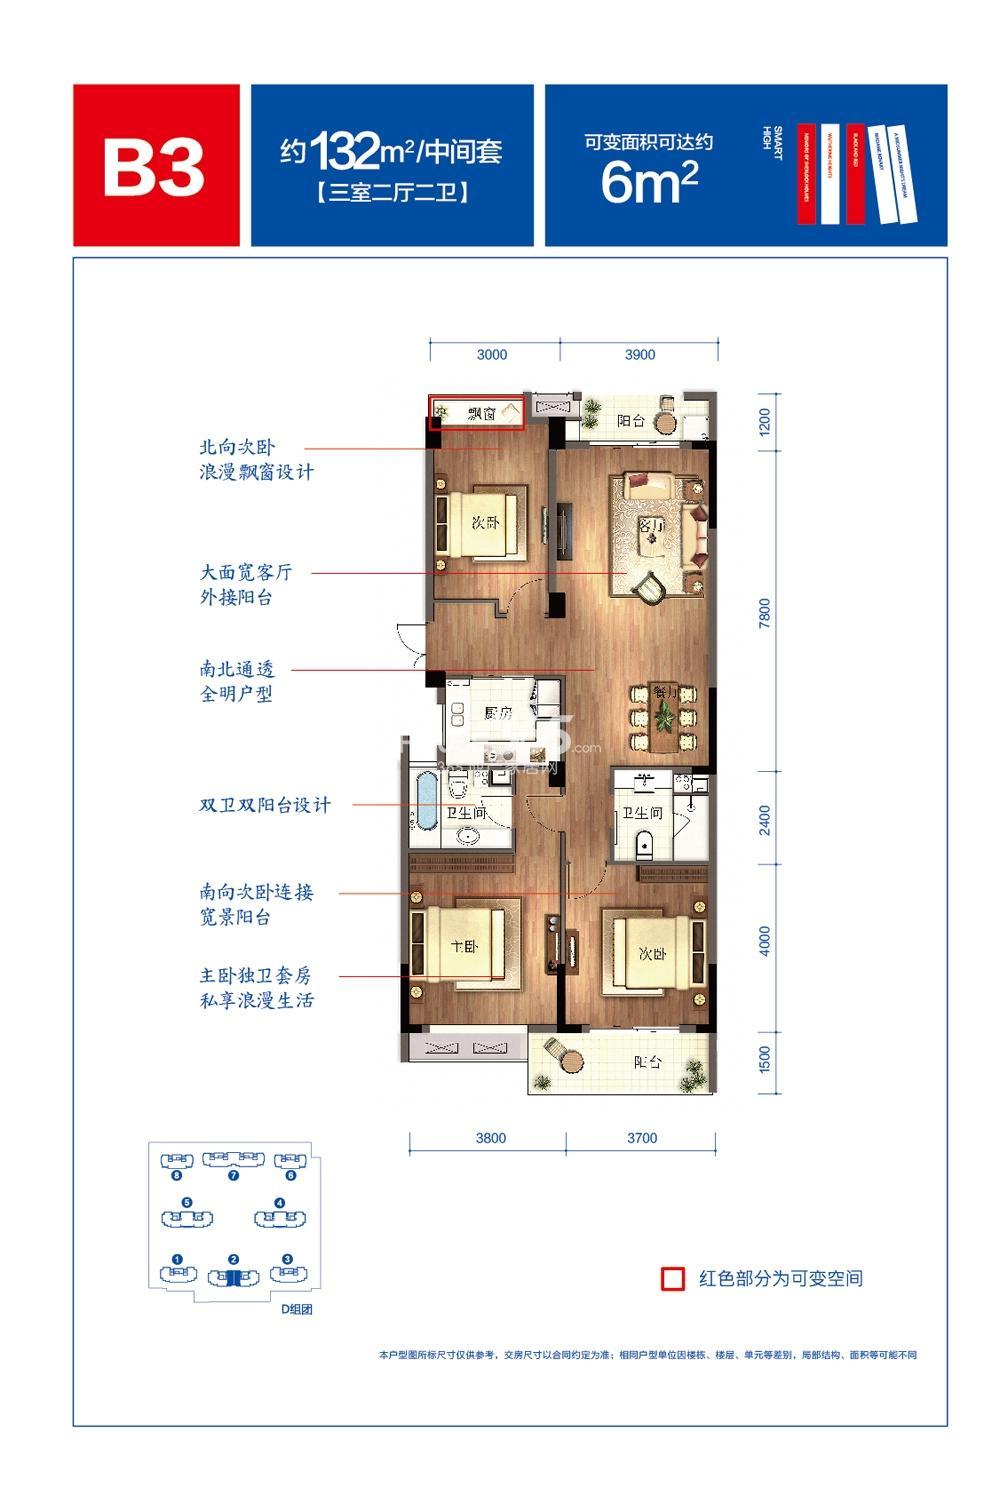 西溪海D组团2号楼B3户型约132方中间套户型图